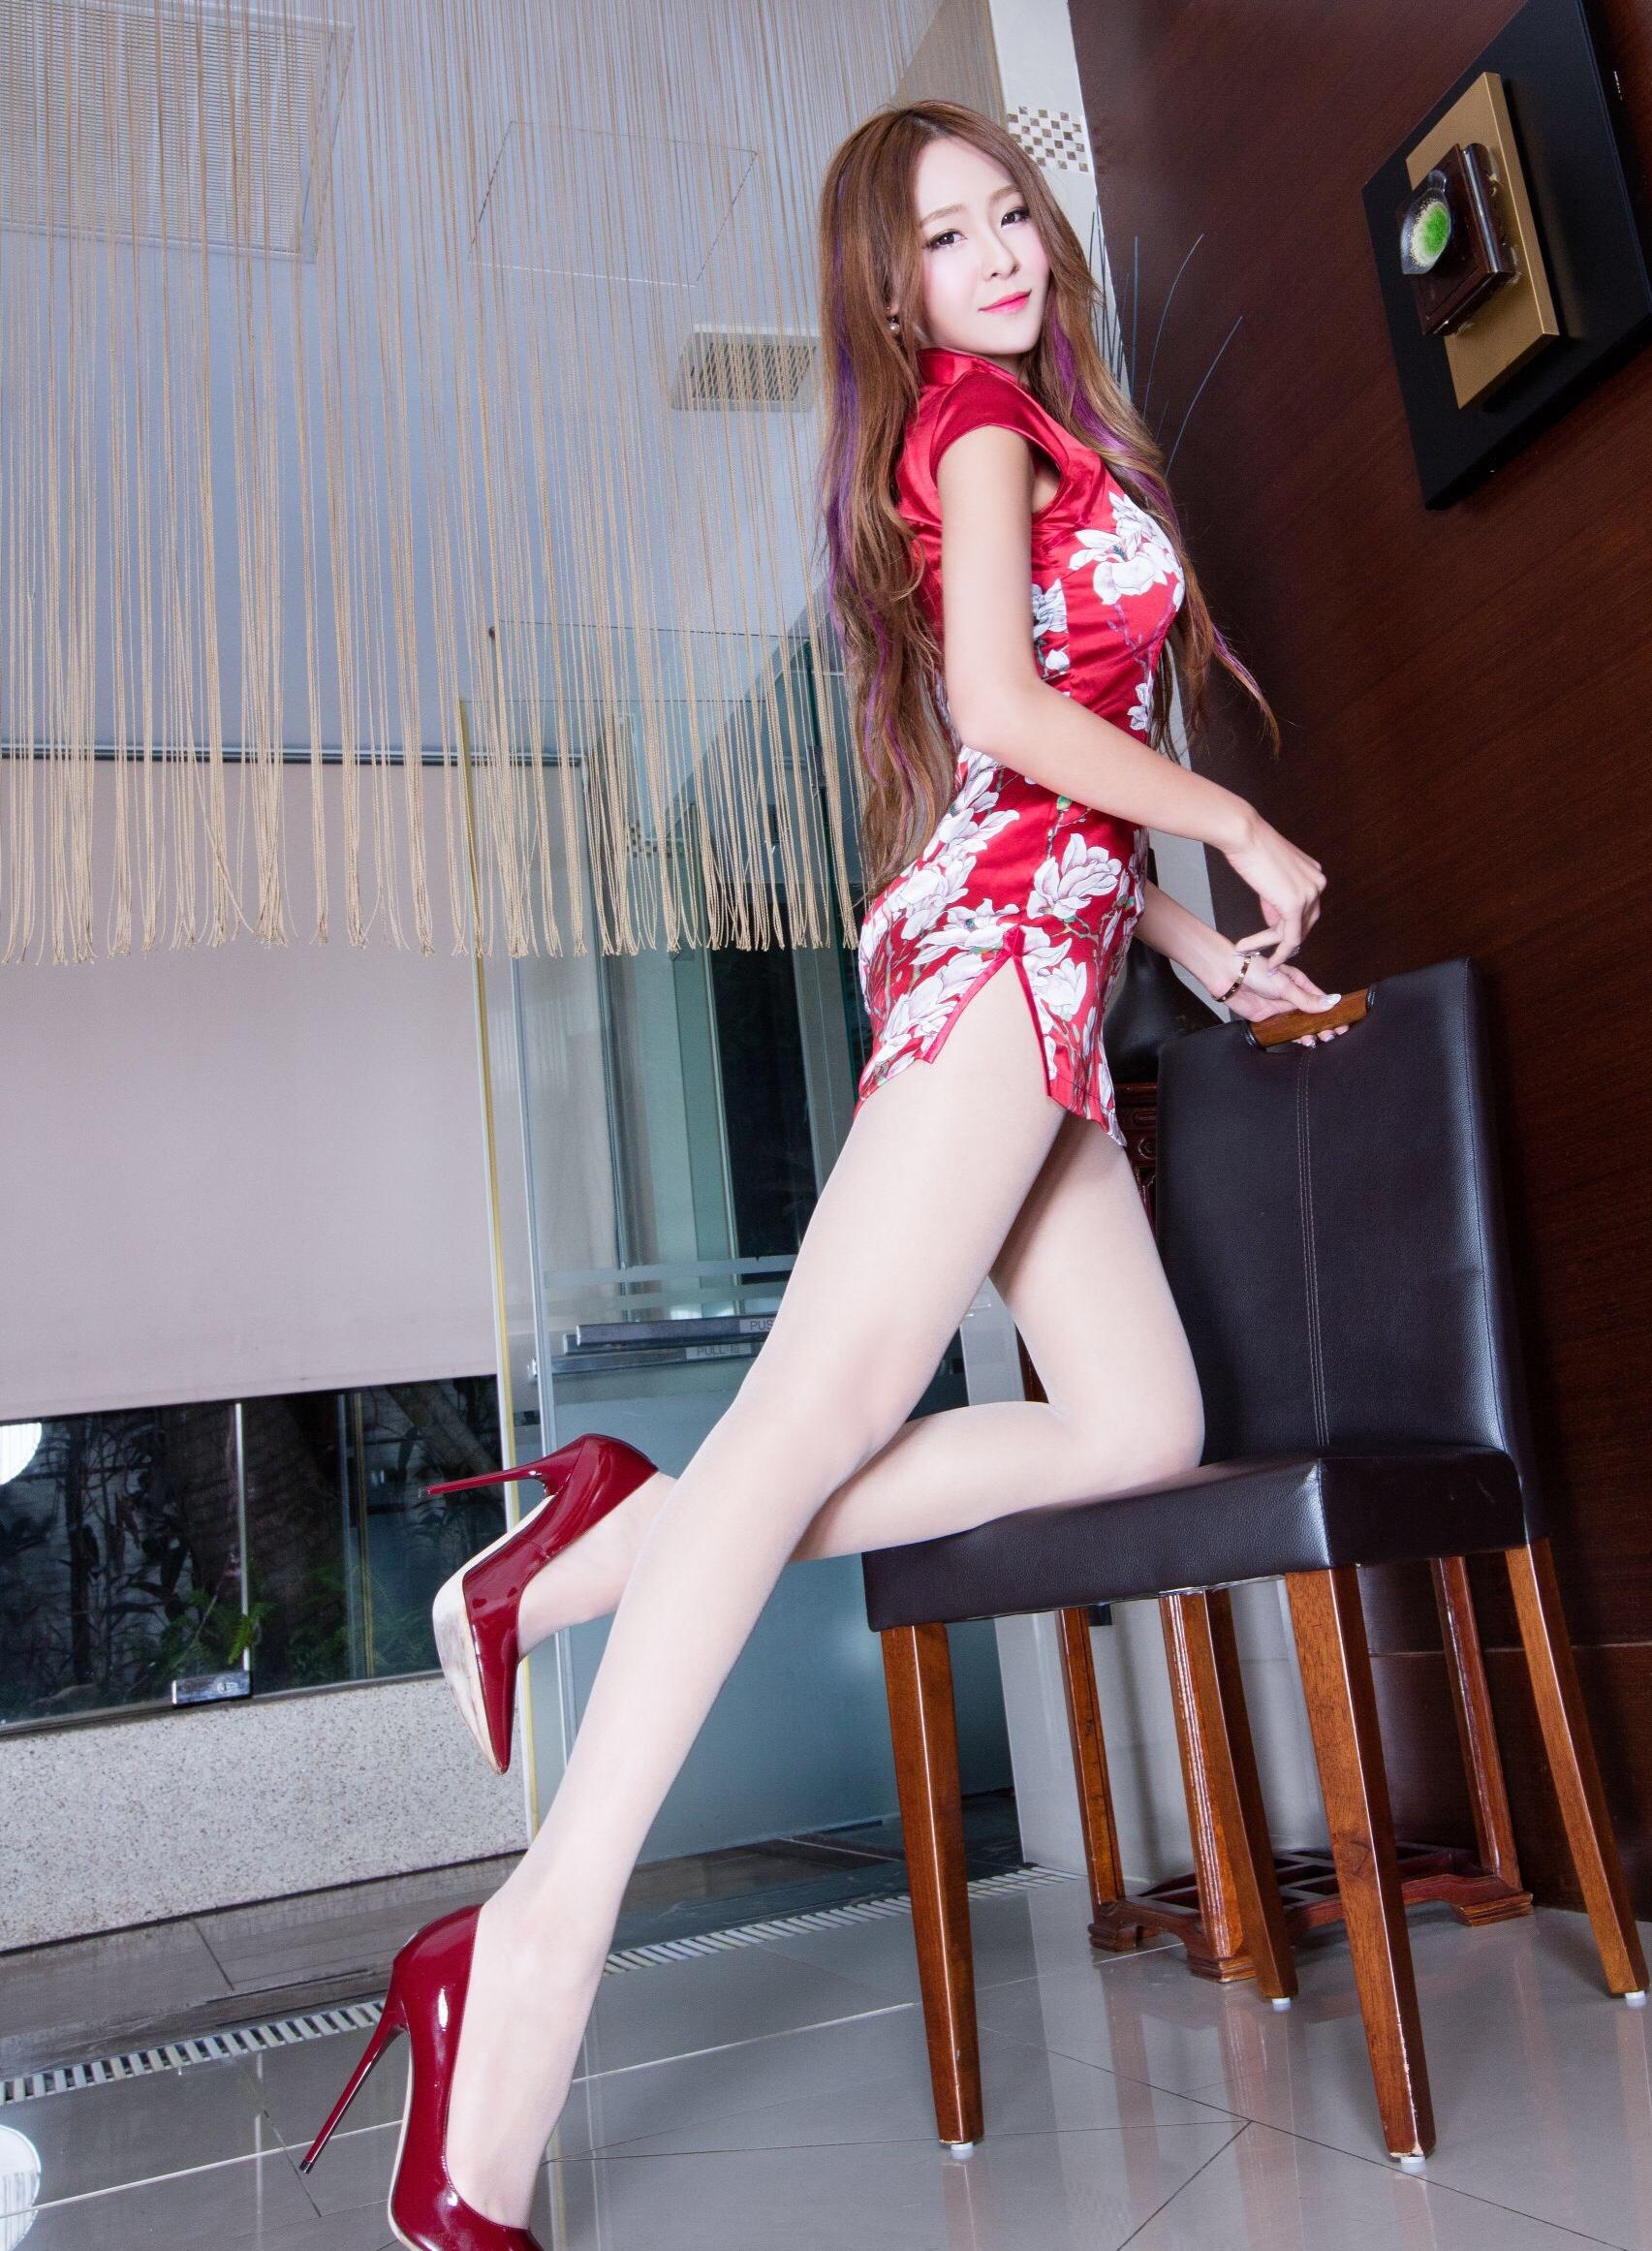 赤チャイナドレスを着たBEAUTYLEG Winnieの美脚 15